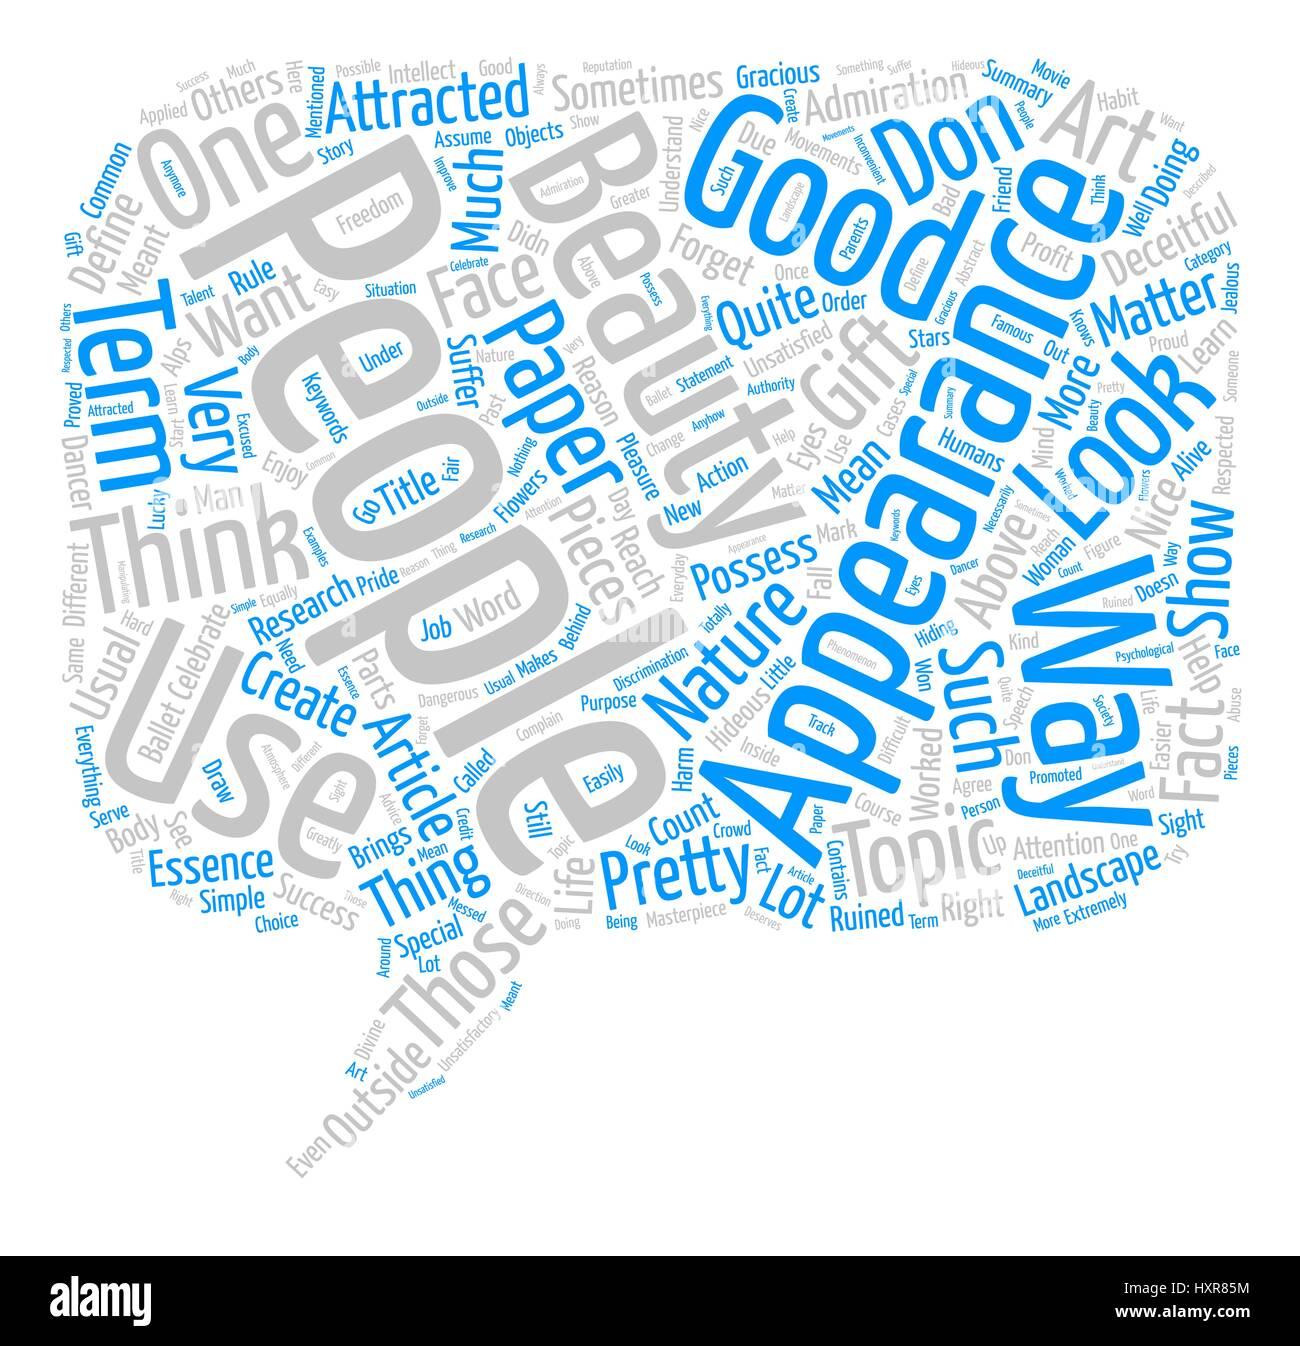 Le apparenze sono parola ingannevole concetto di cloud lo sfondo del testo Immagini Stock